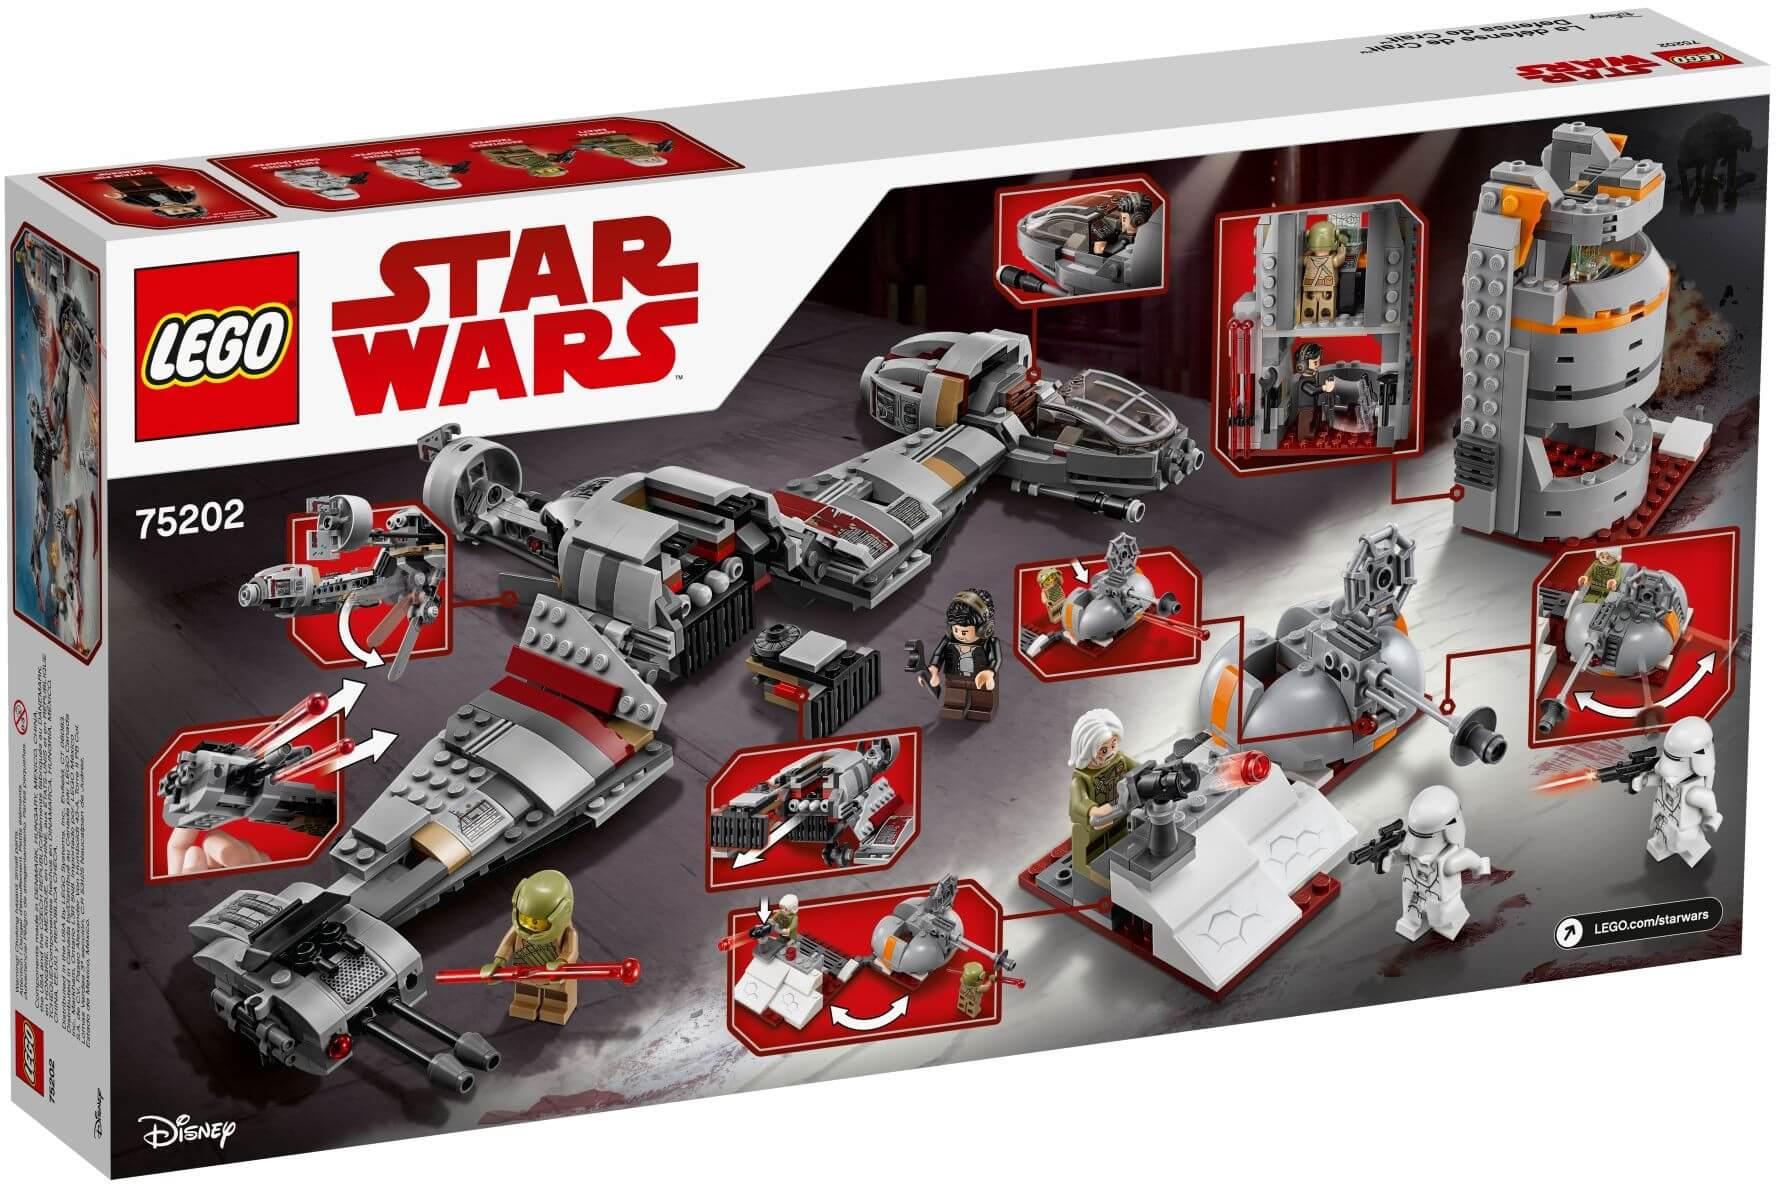 Mua đồ chơi LEGO 75202 - LEGO Star Wars 75202 - Bảo Vệ Hành Tinh Crait (LEGO Star Wars 75202 Defense of Crait)